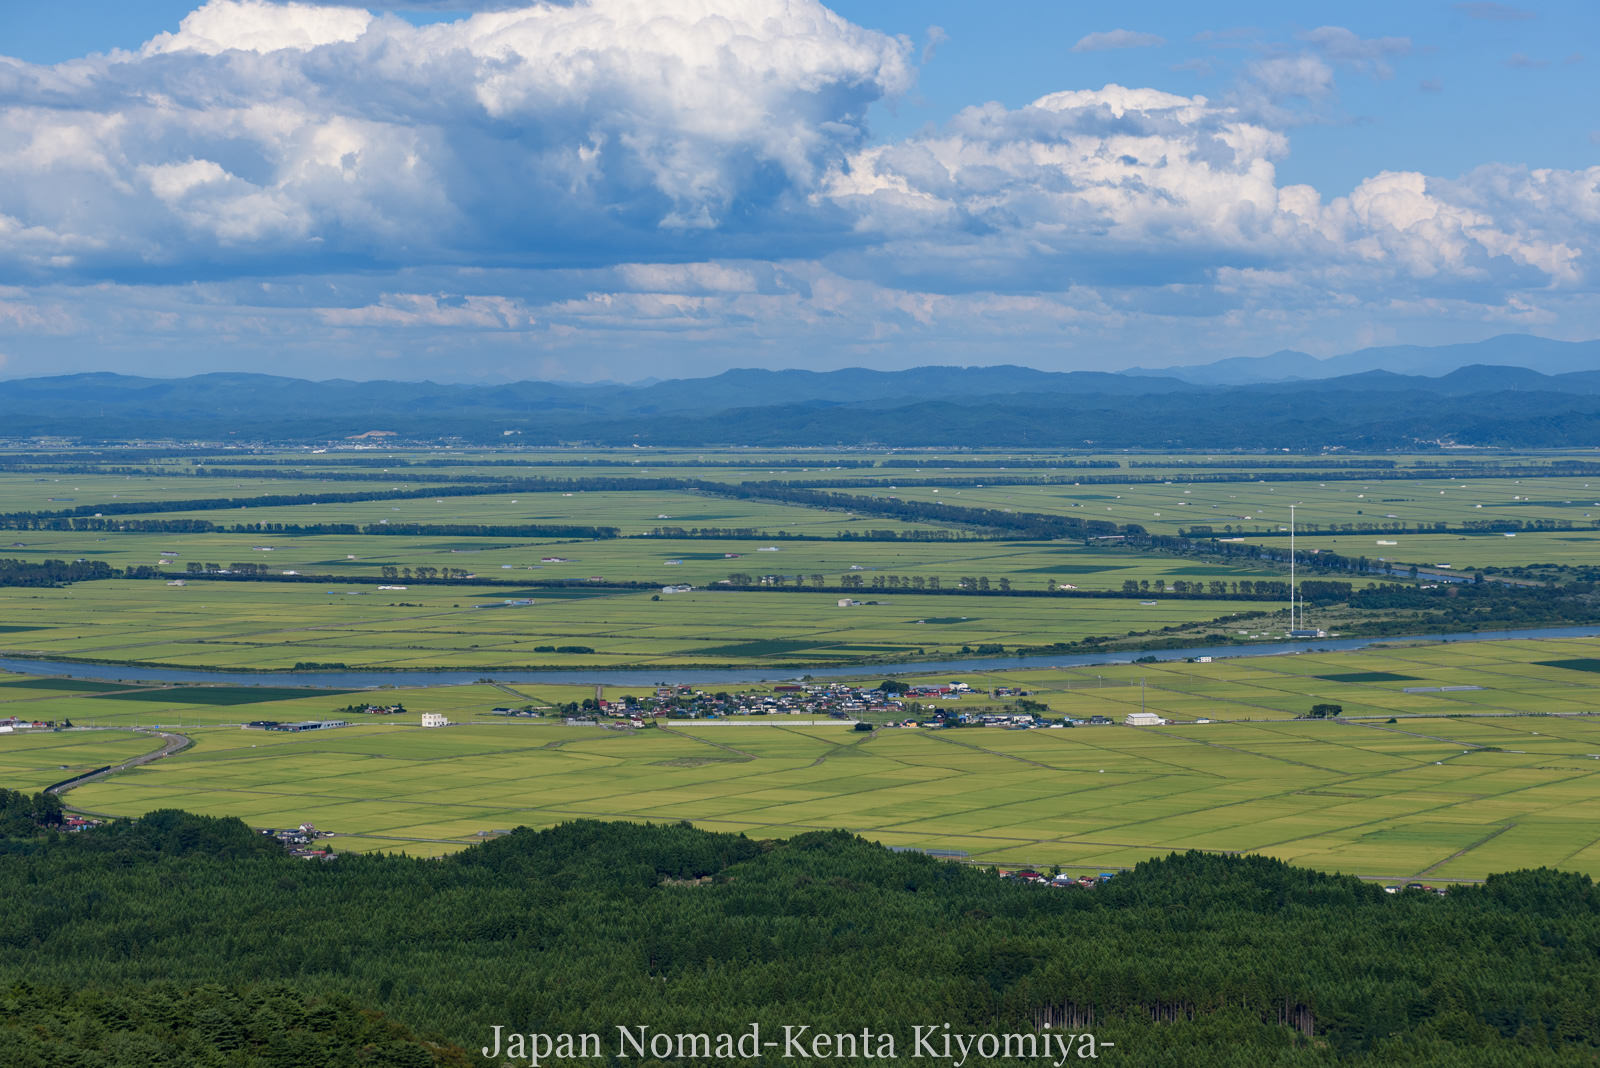 自転車日本一周127日目(なまはげ、ハタハタ丼、寒風山、男鹿半島)-Japan Nomad (37)